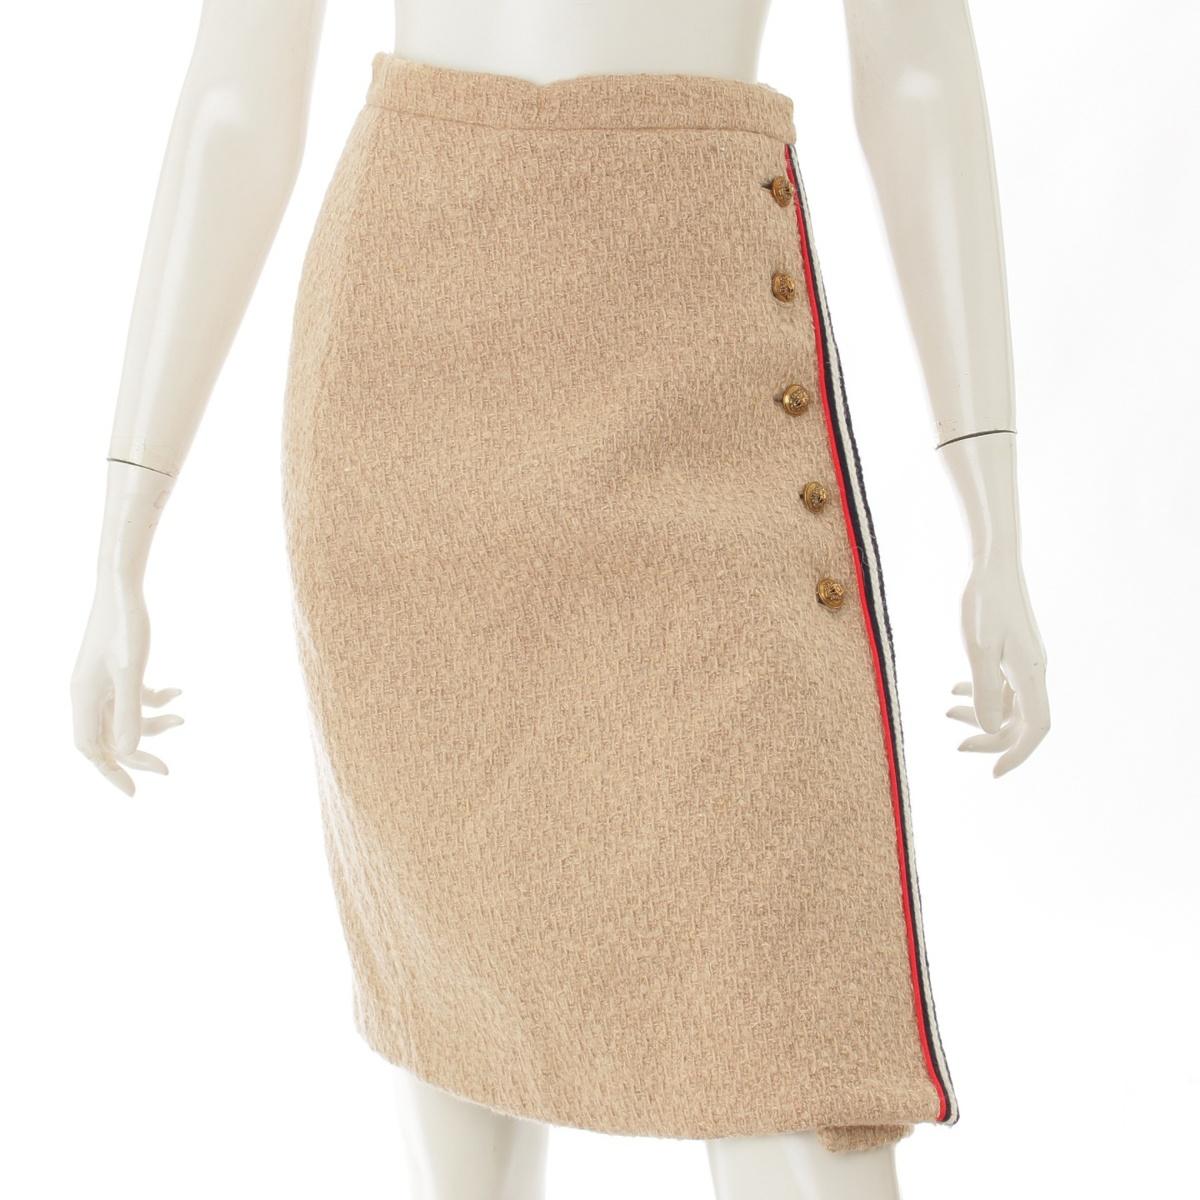 【20%OFFセール】【グッチ】Gucci ライオンボタン ウール スカート 482226 ベージュ 36 【中古】【鑑定済・正規品保証】66282